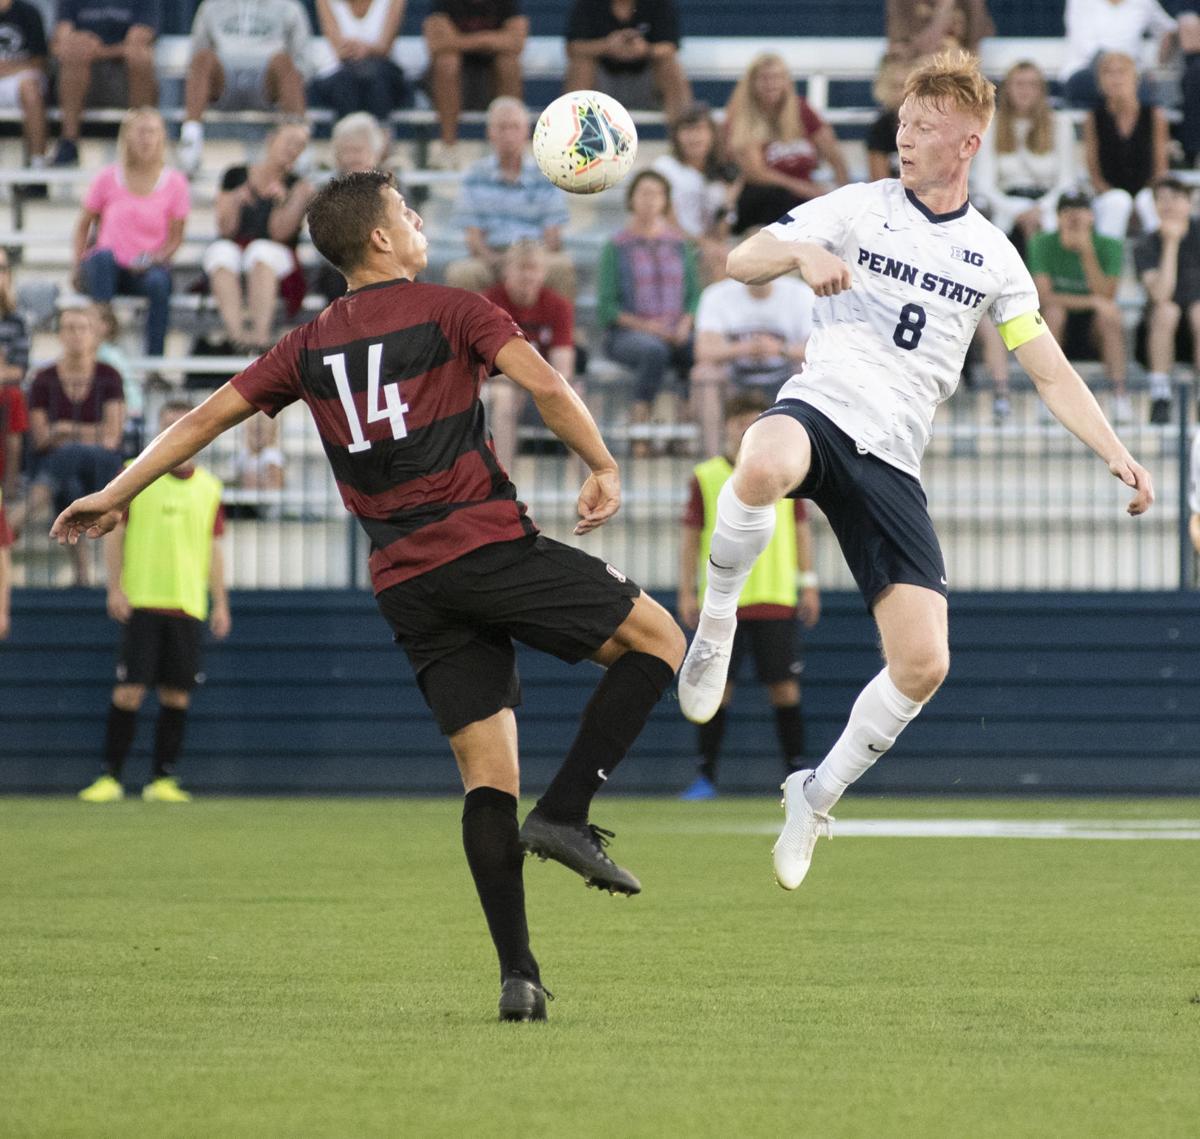 Men's soccer vs. Stanford, Molloy (8)